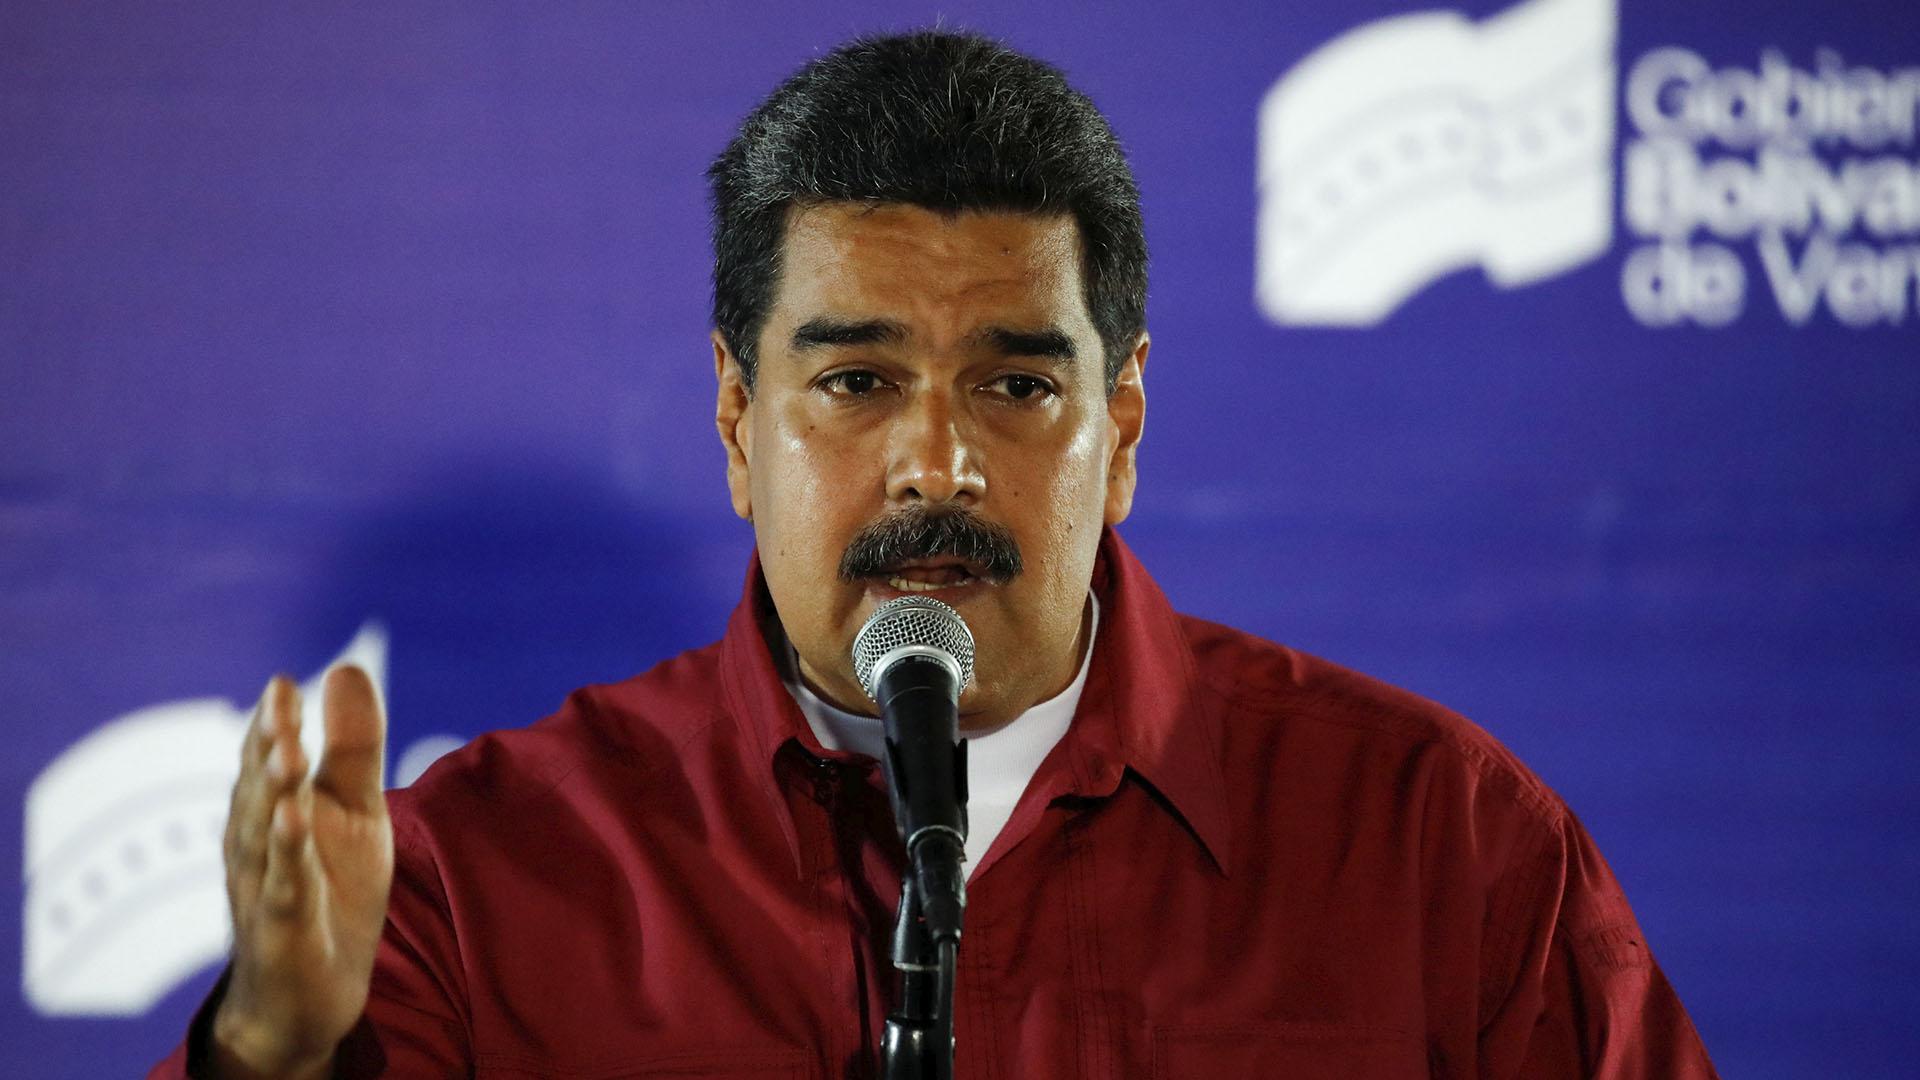 El dictador venezolano Nicolás Maduro. (Reuters)